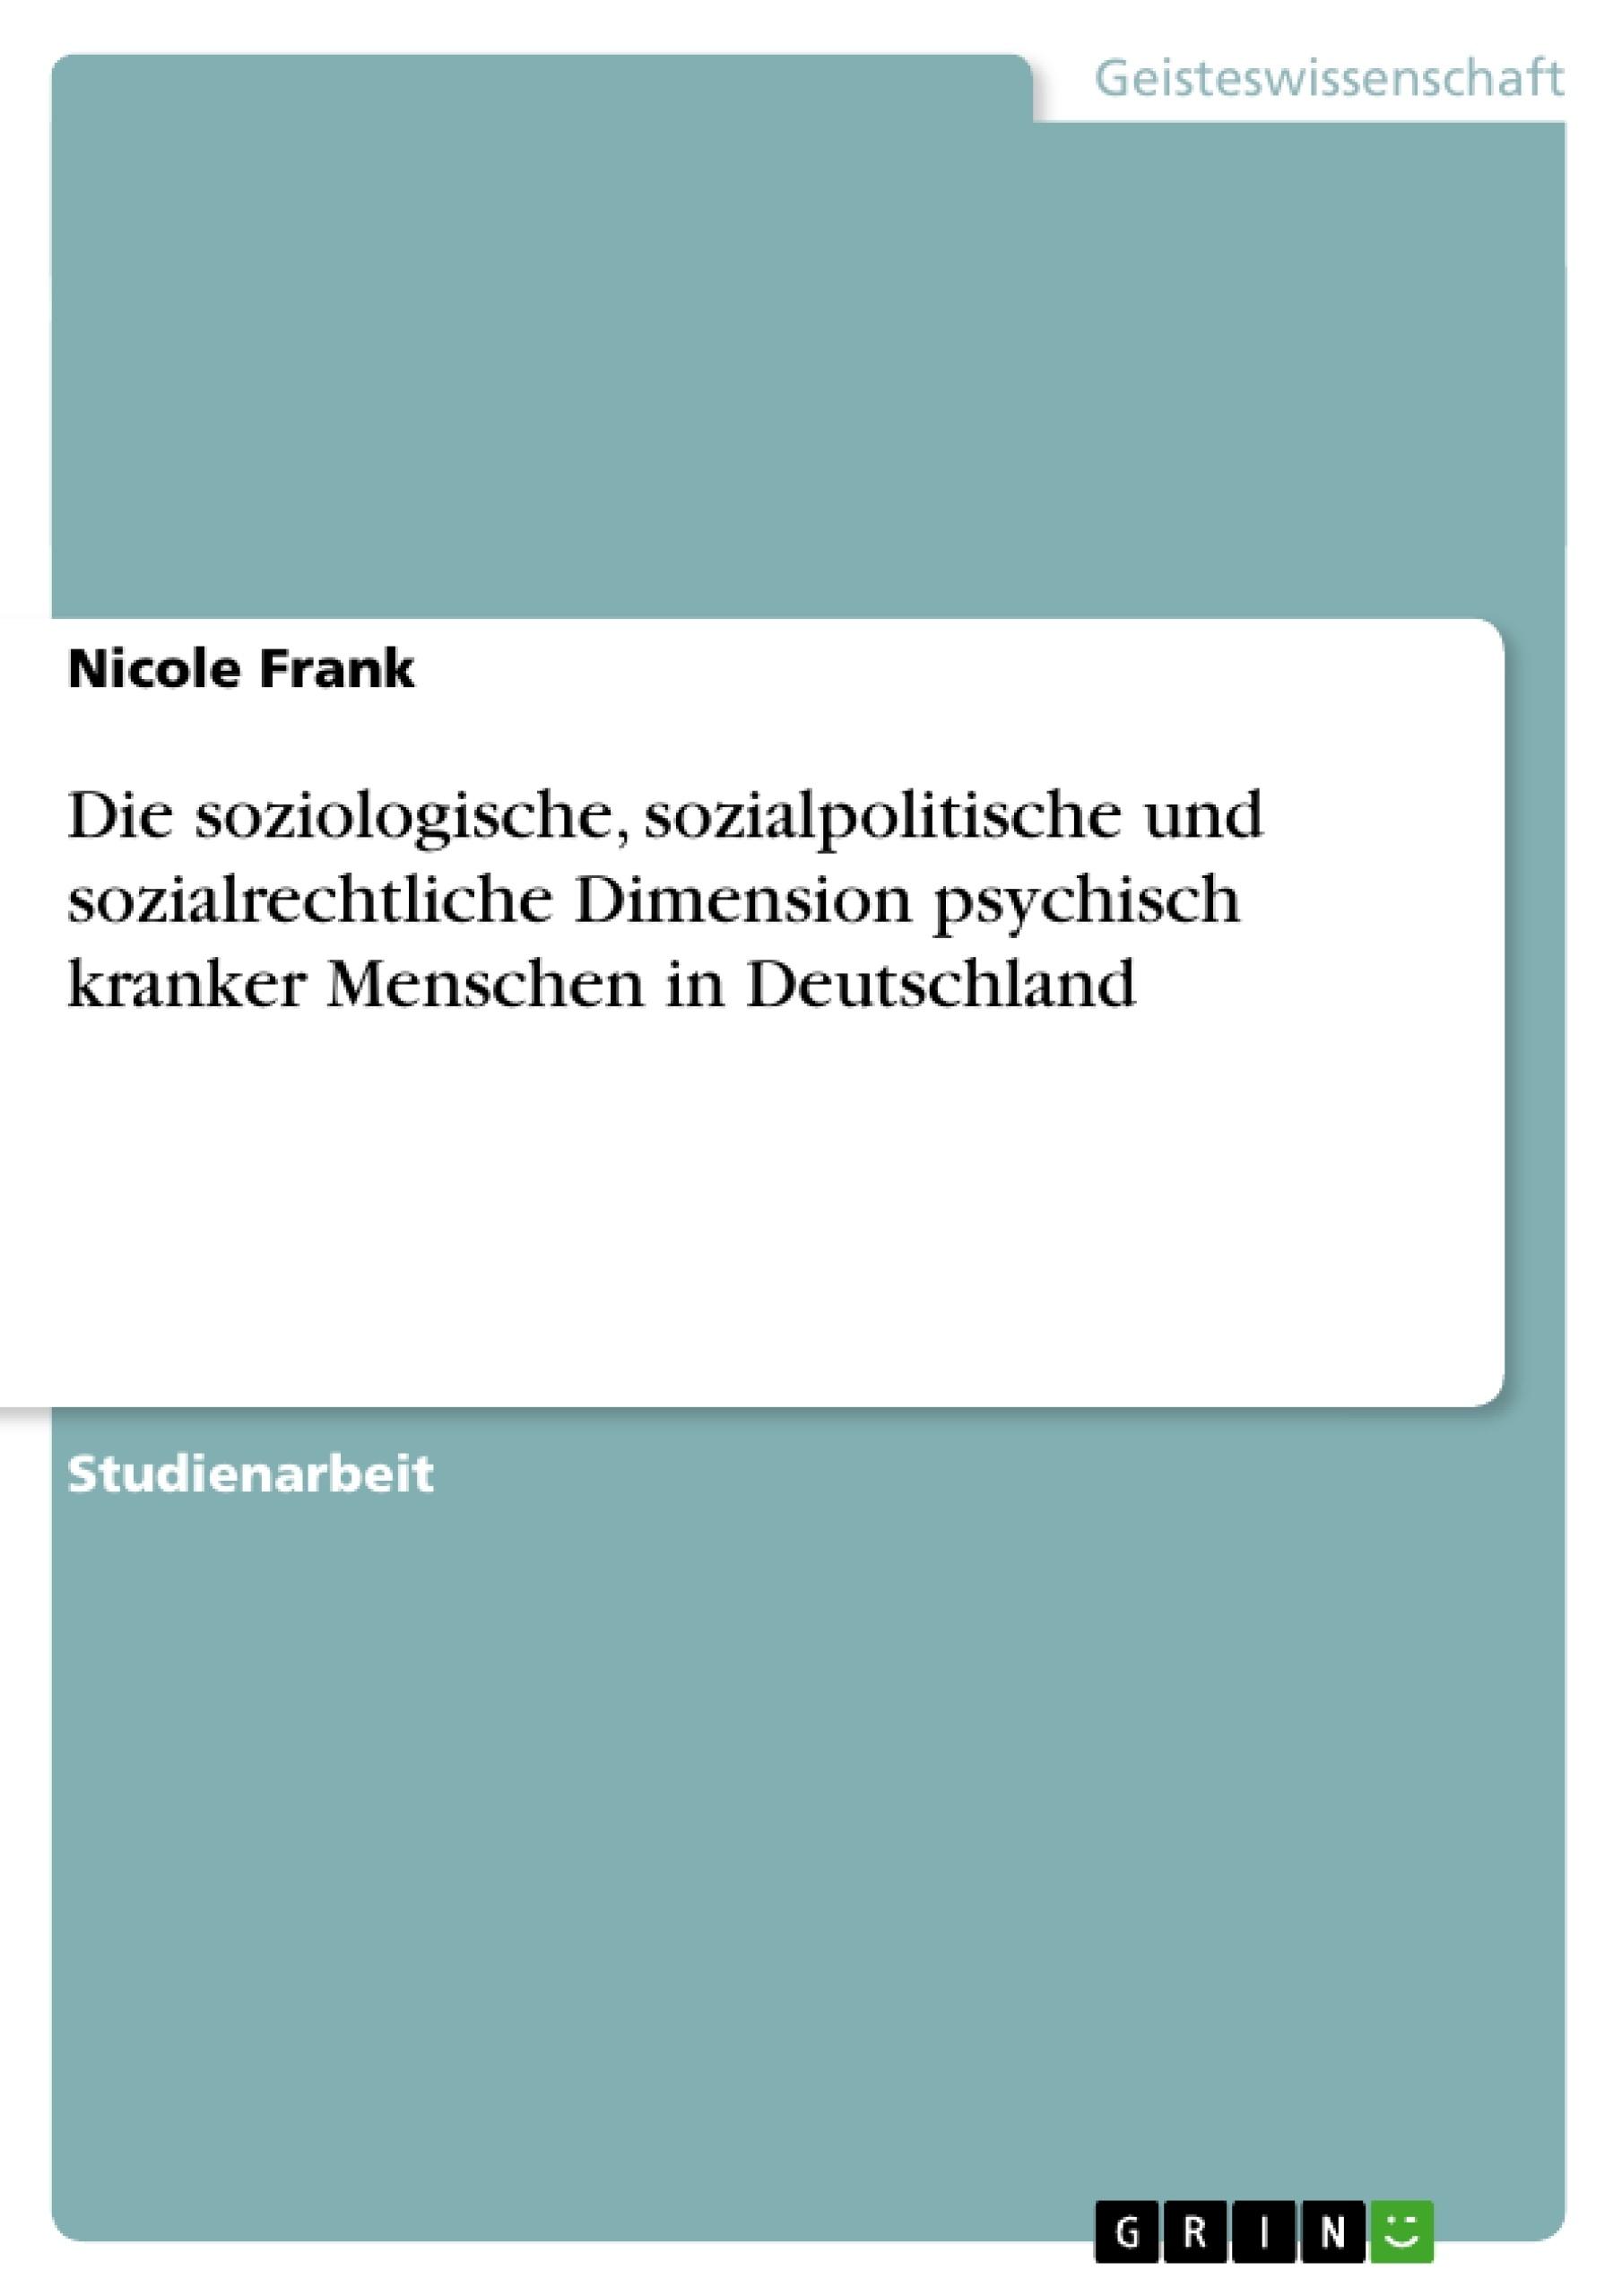 Titel: Die soziologische, sozialpolitische und sozialrechtliche Dimension psychisch kranker Menschen in Deutschland